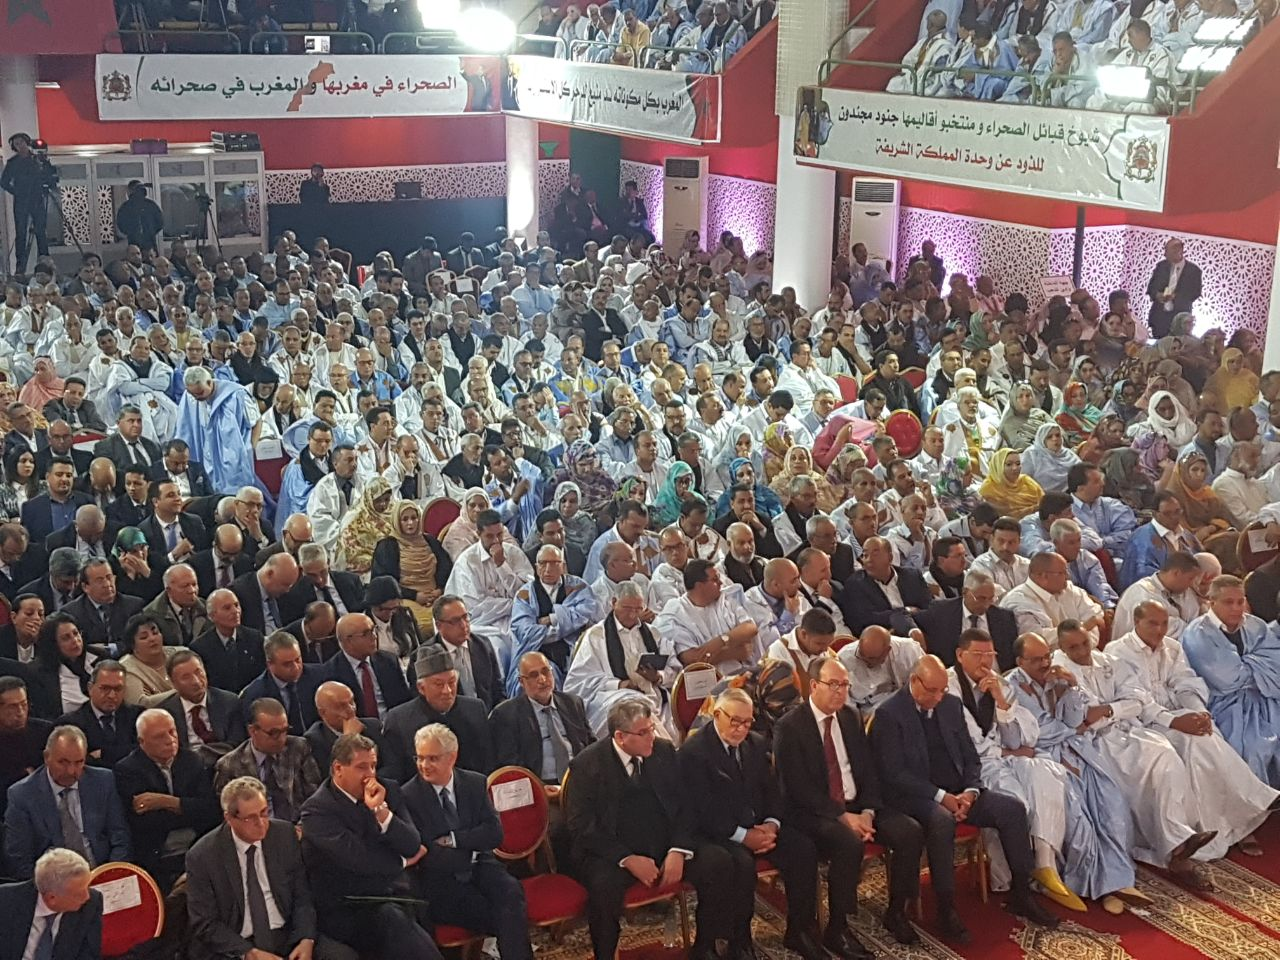 Maroc : Grande manifestation «patriotique» à Laâyoune contre les «provocations» du Polisario